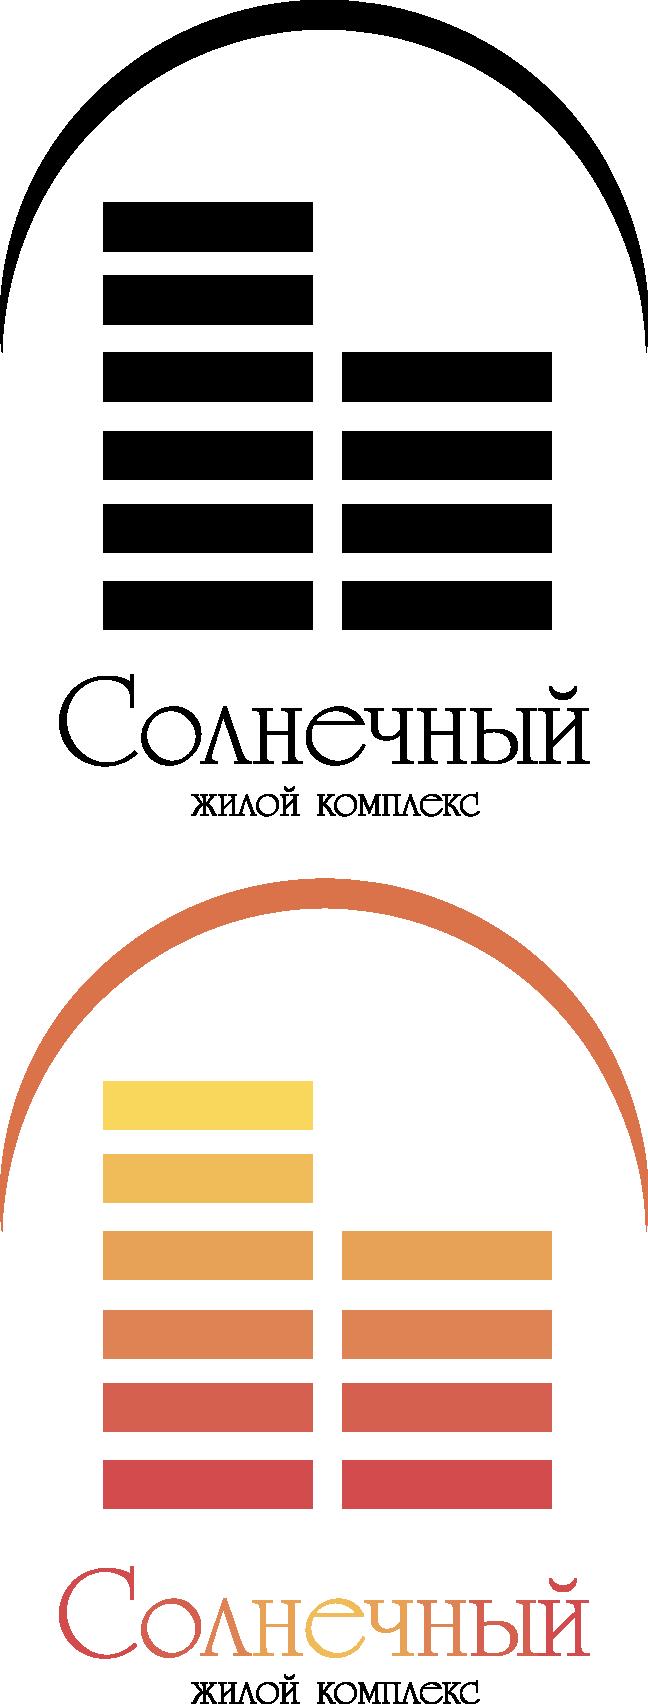 Разработка логотипа и фирменный стиль фото f_009596e312714e4a.png